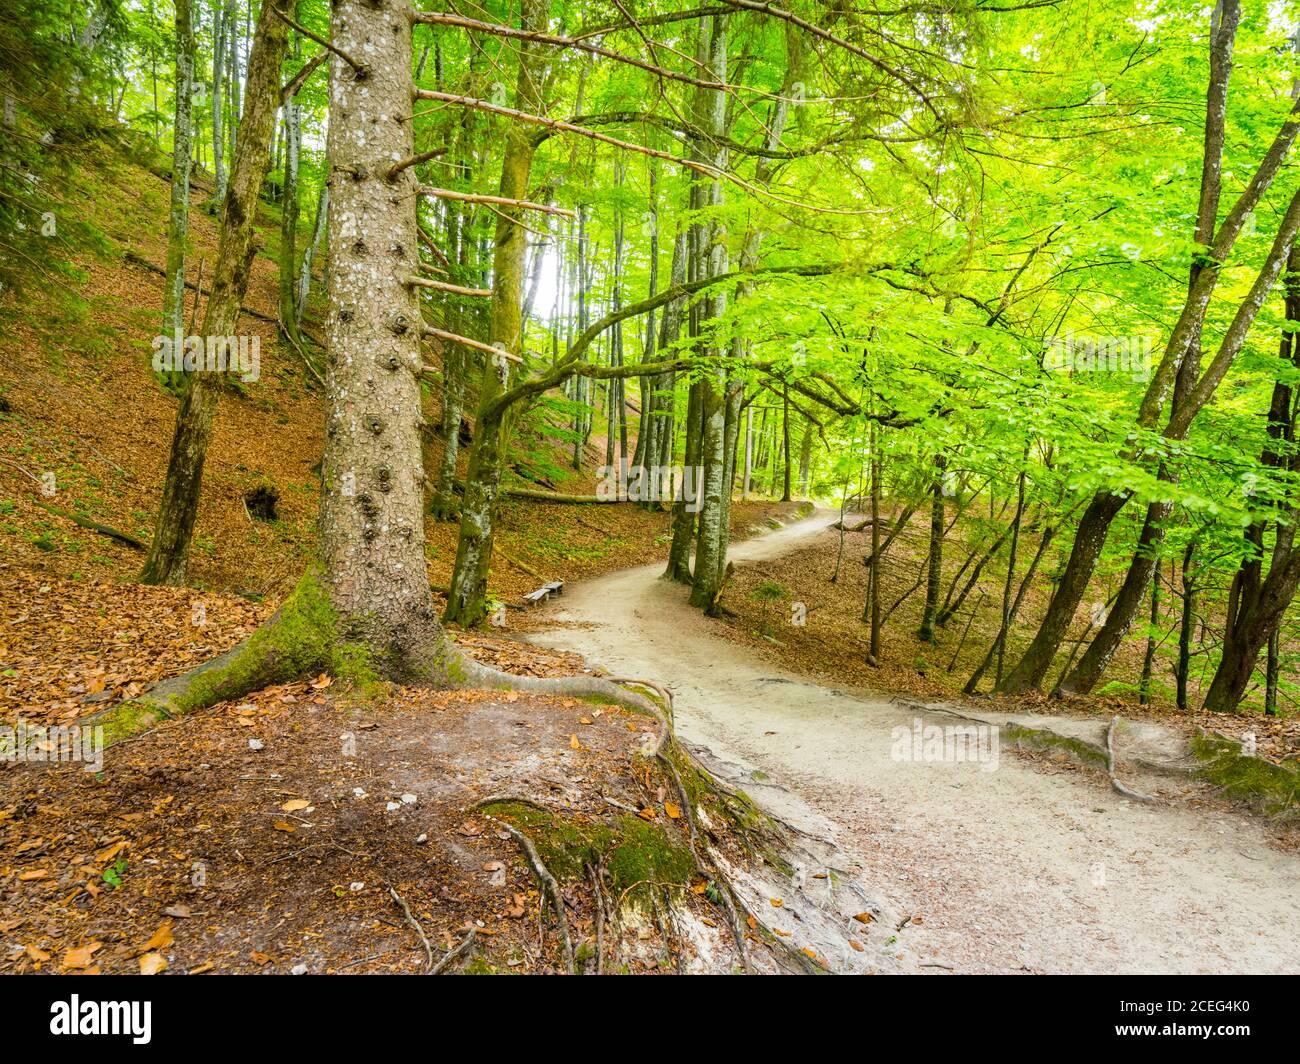 Camino de bosque camino camino camino camino camino camino camino Parque Nacional Plitvice lagos en Croacia Europa paisaje escénico Foto de stock